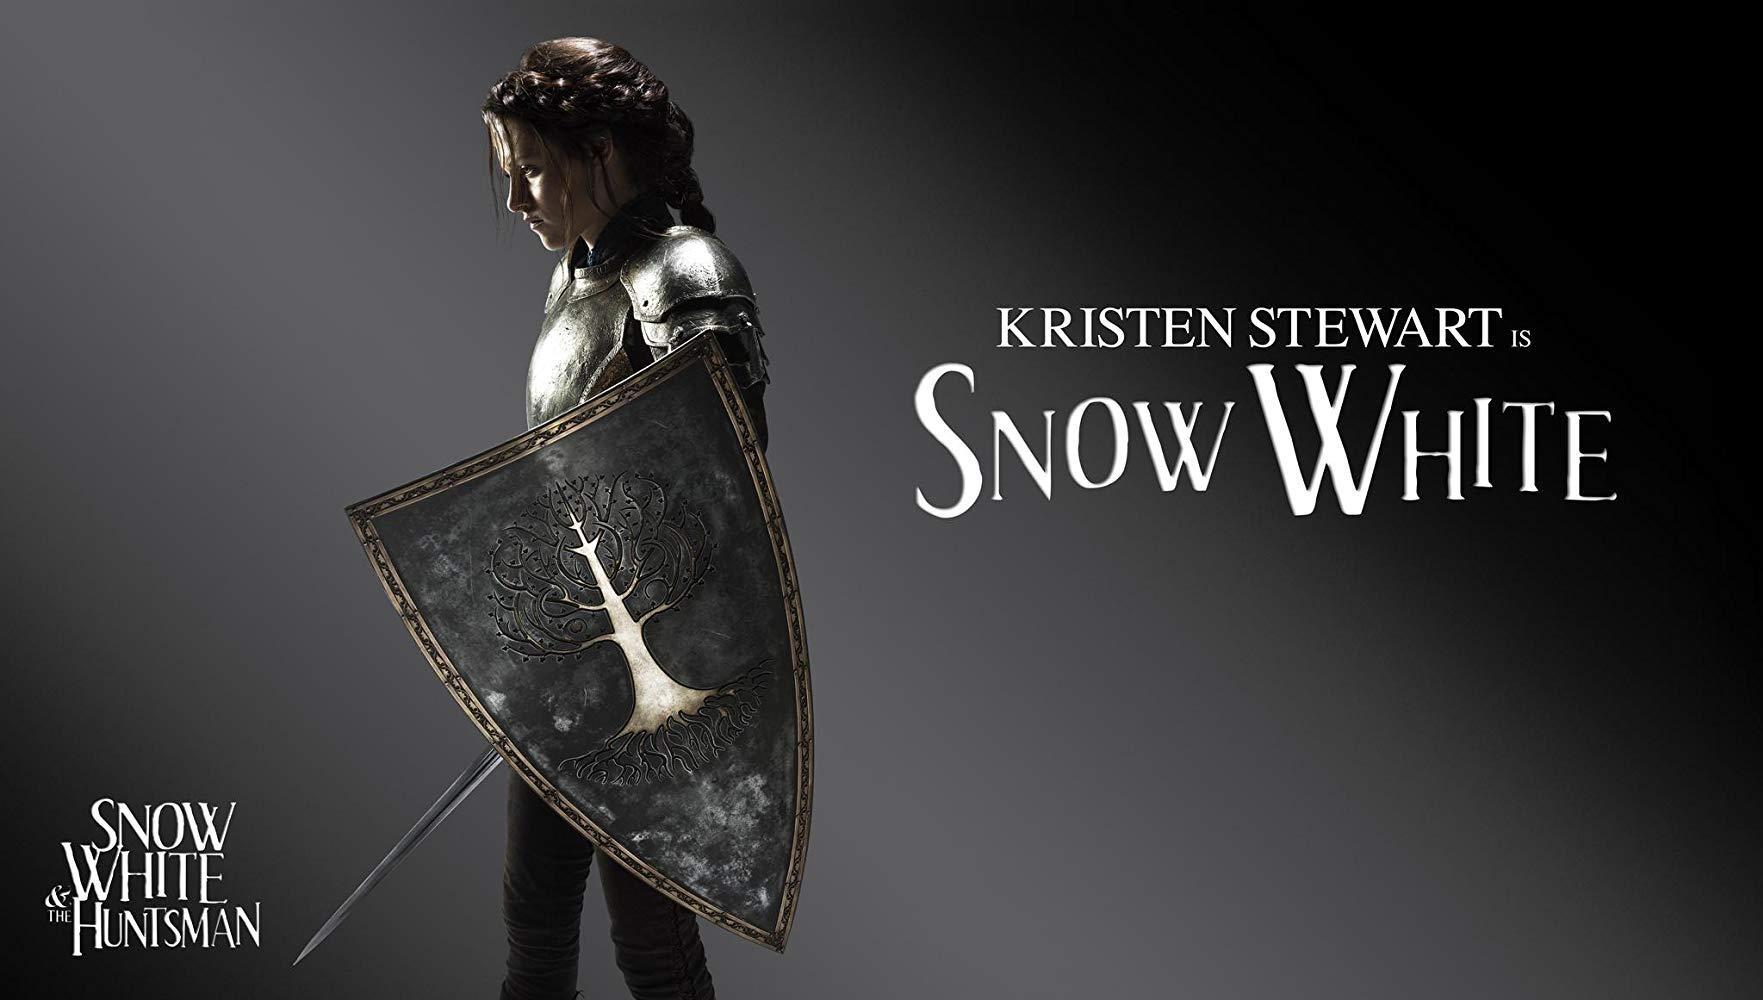 مشاهدة فيلم Snow White And The Huntsman 2012 HD مترجم كامل اون لاين